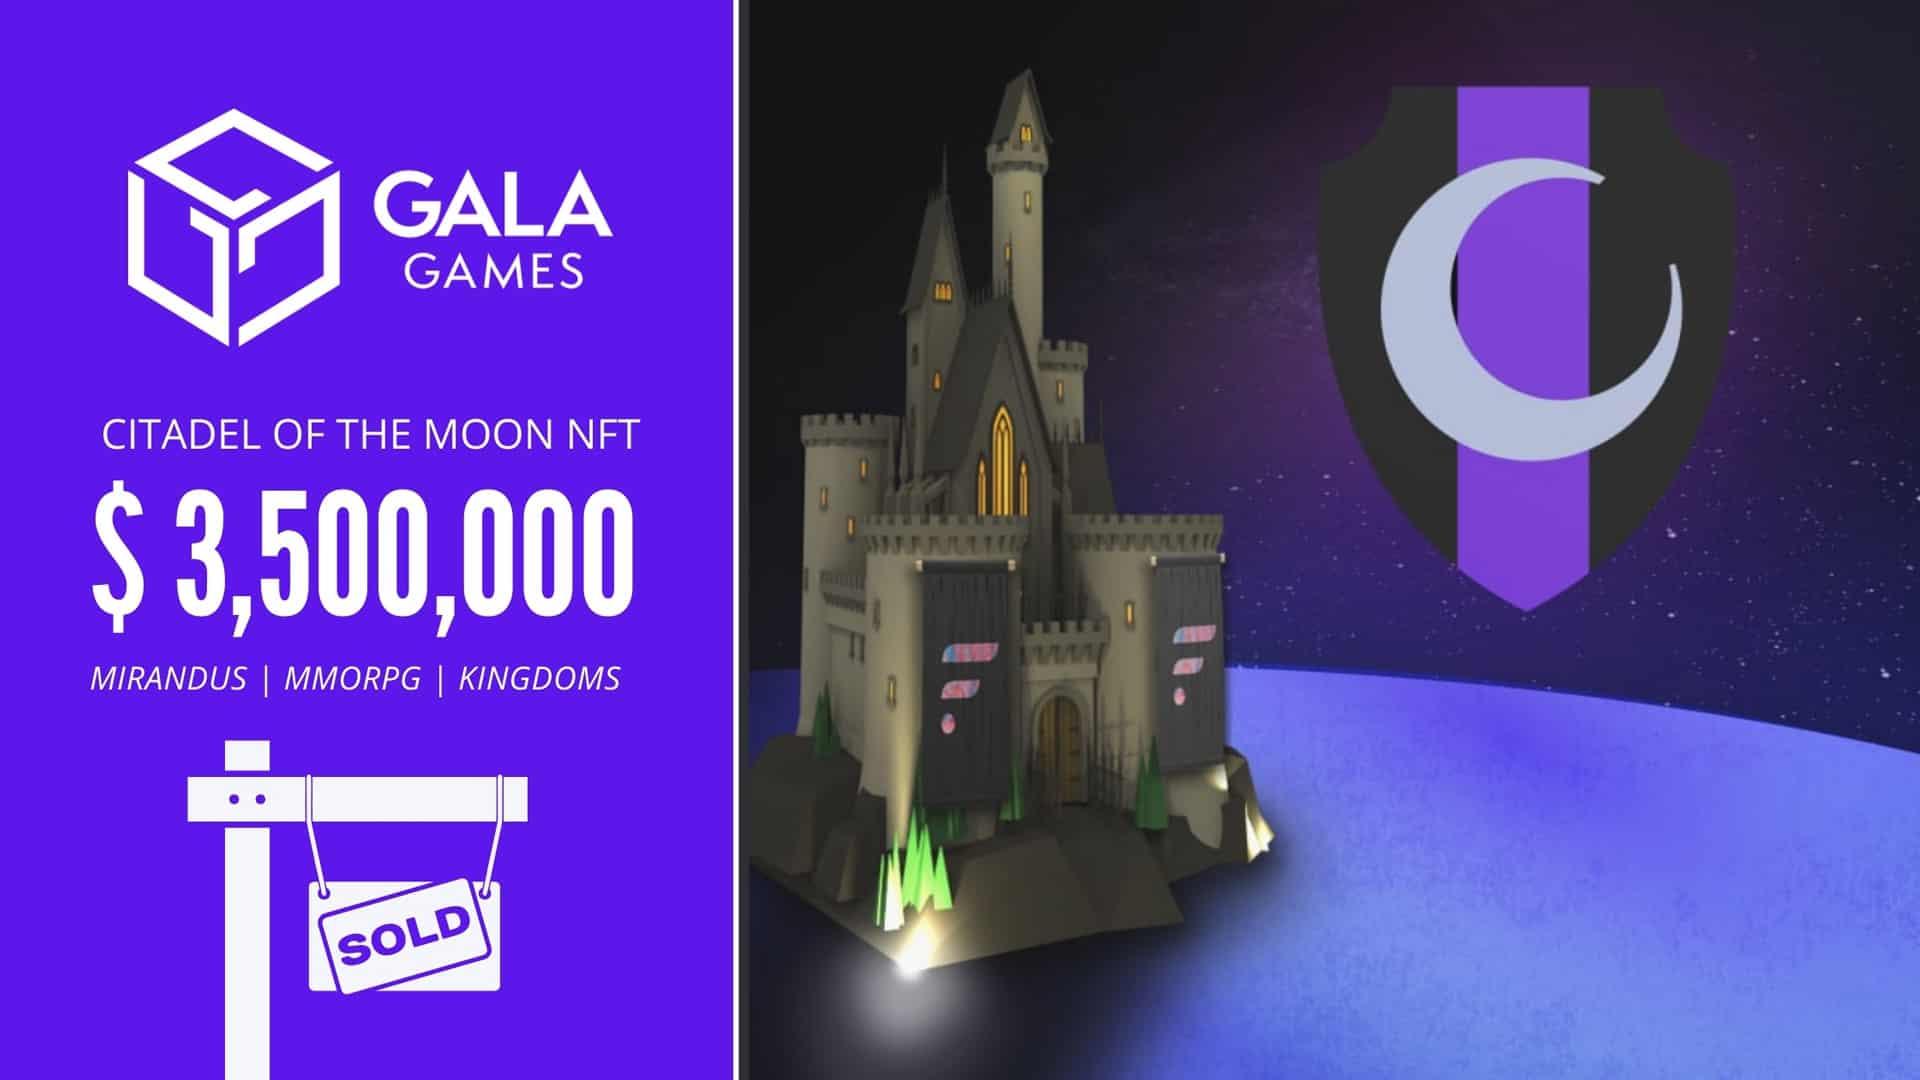 Citadel of the moon in Mirandus